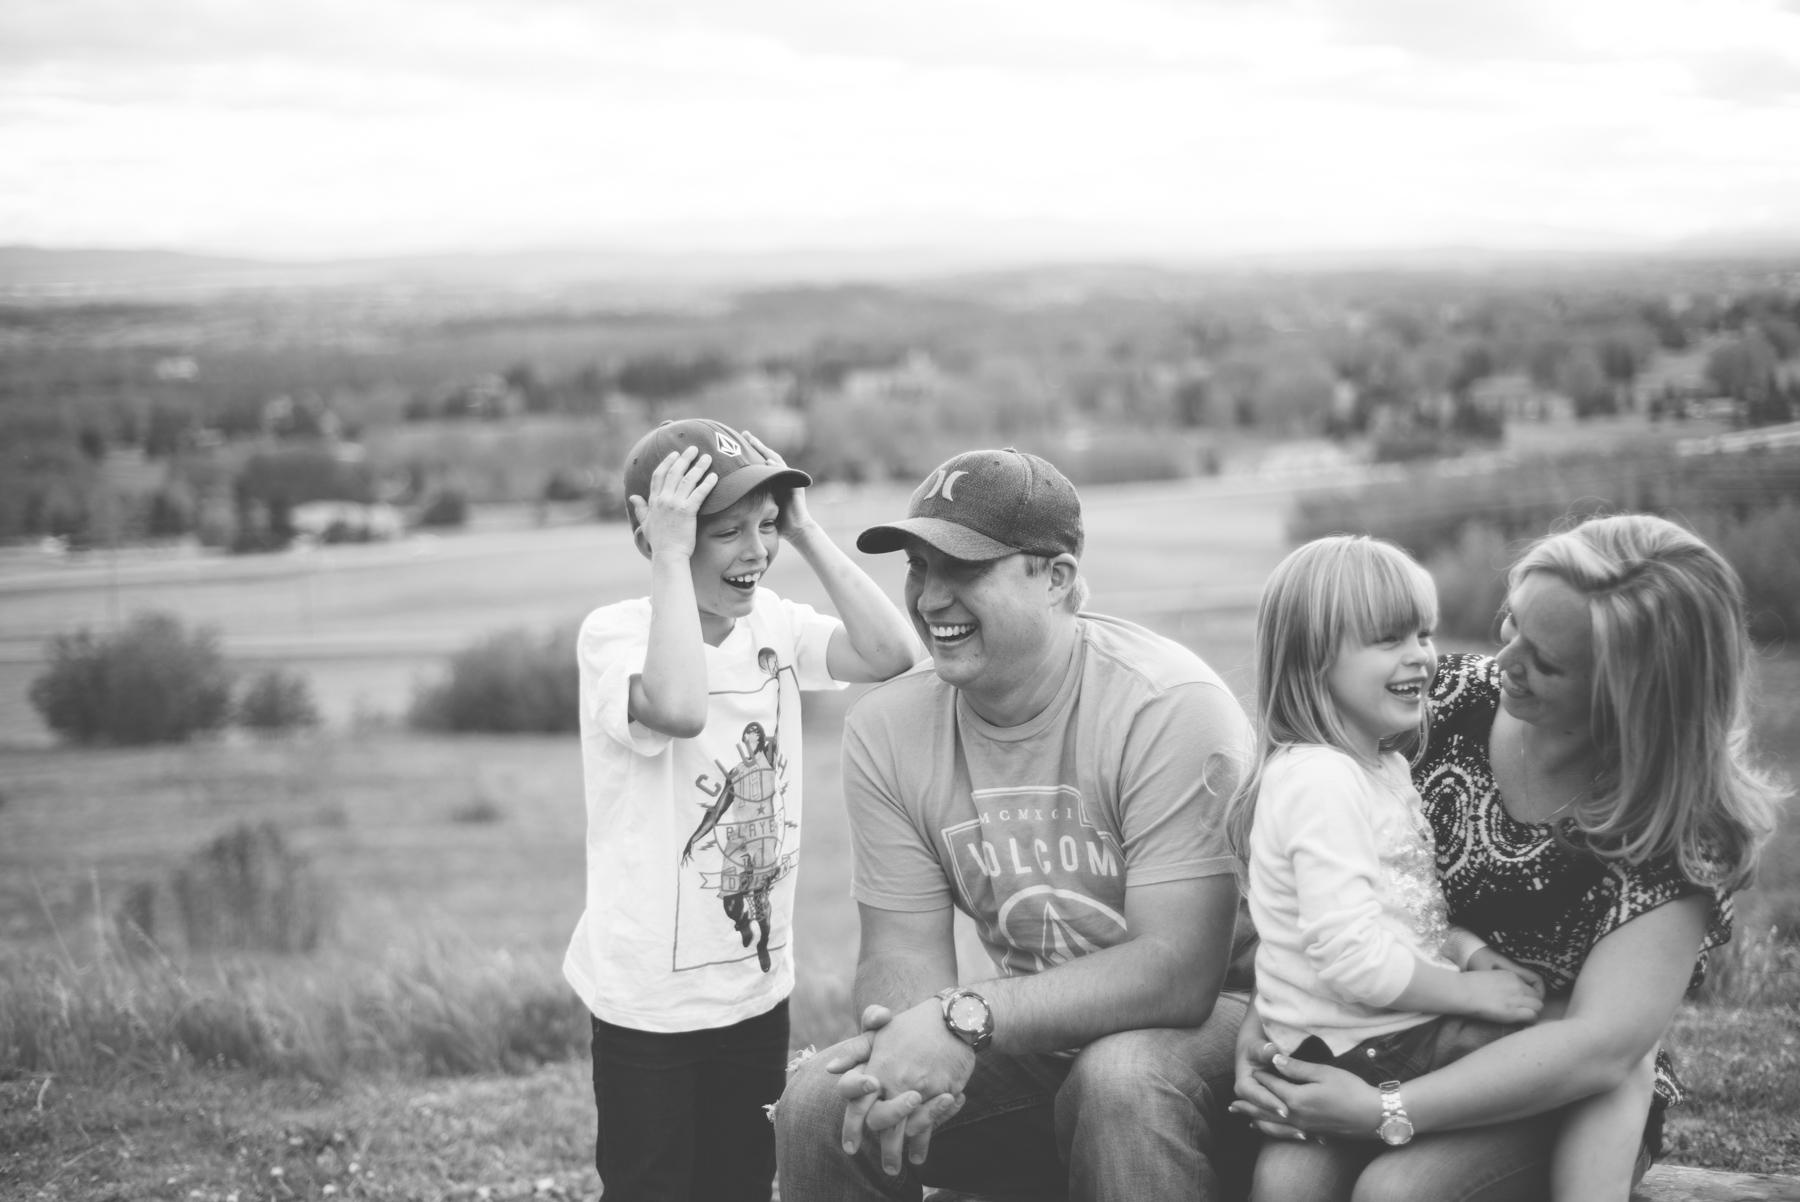 Calgary_Family_Session (24 of 25).jpg